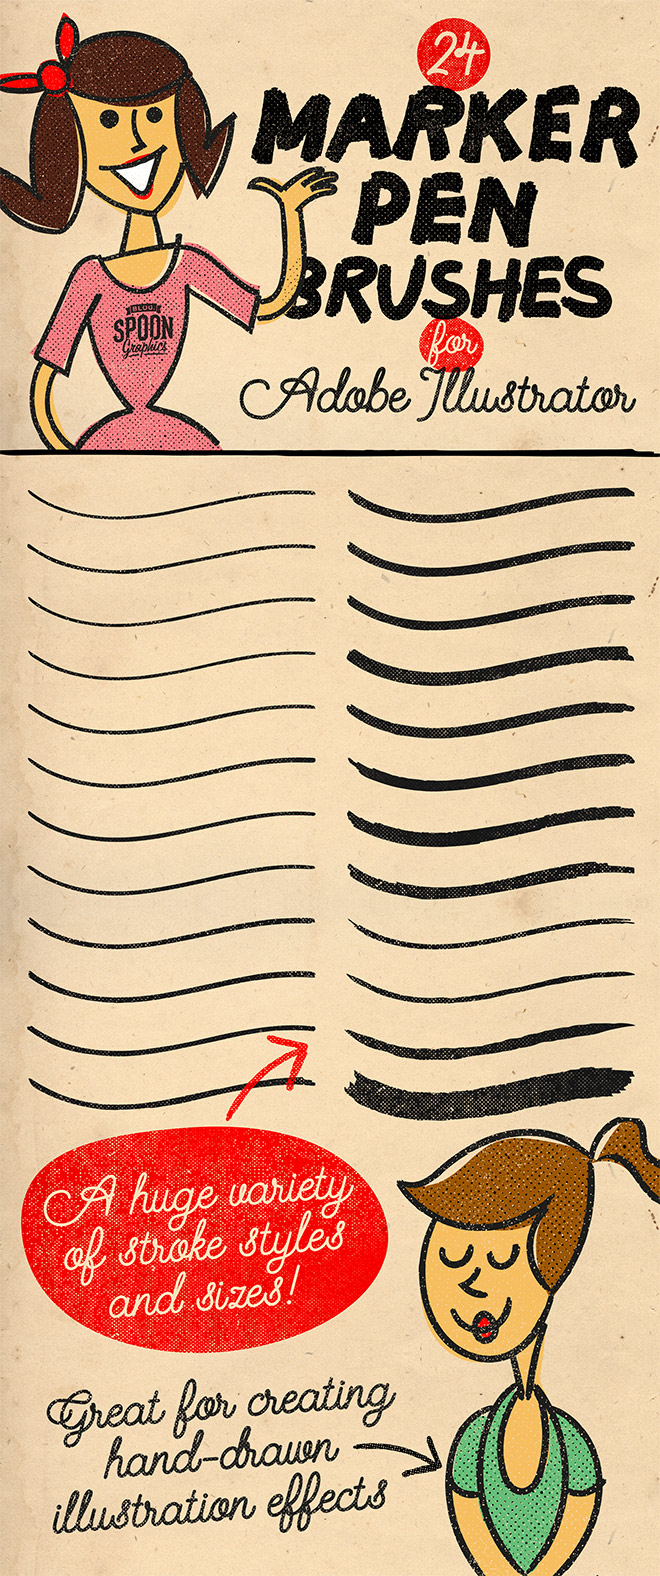 Free Pack of 24 Marker Pen Brushes for Adobe Illustrator